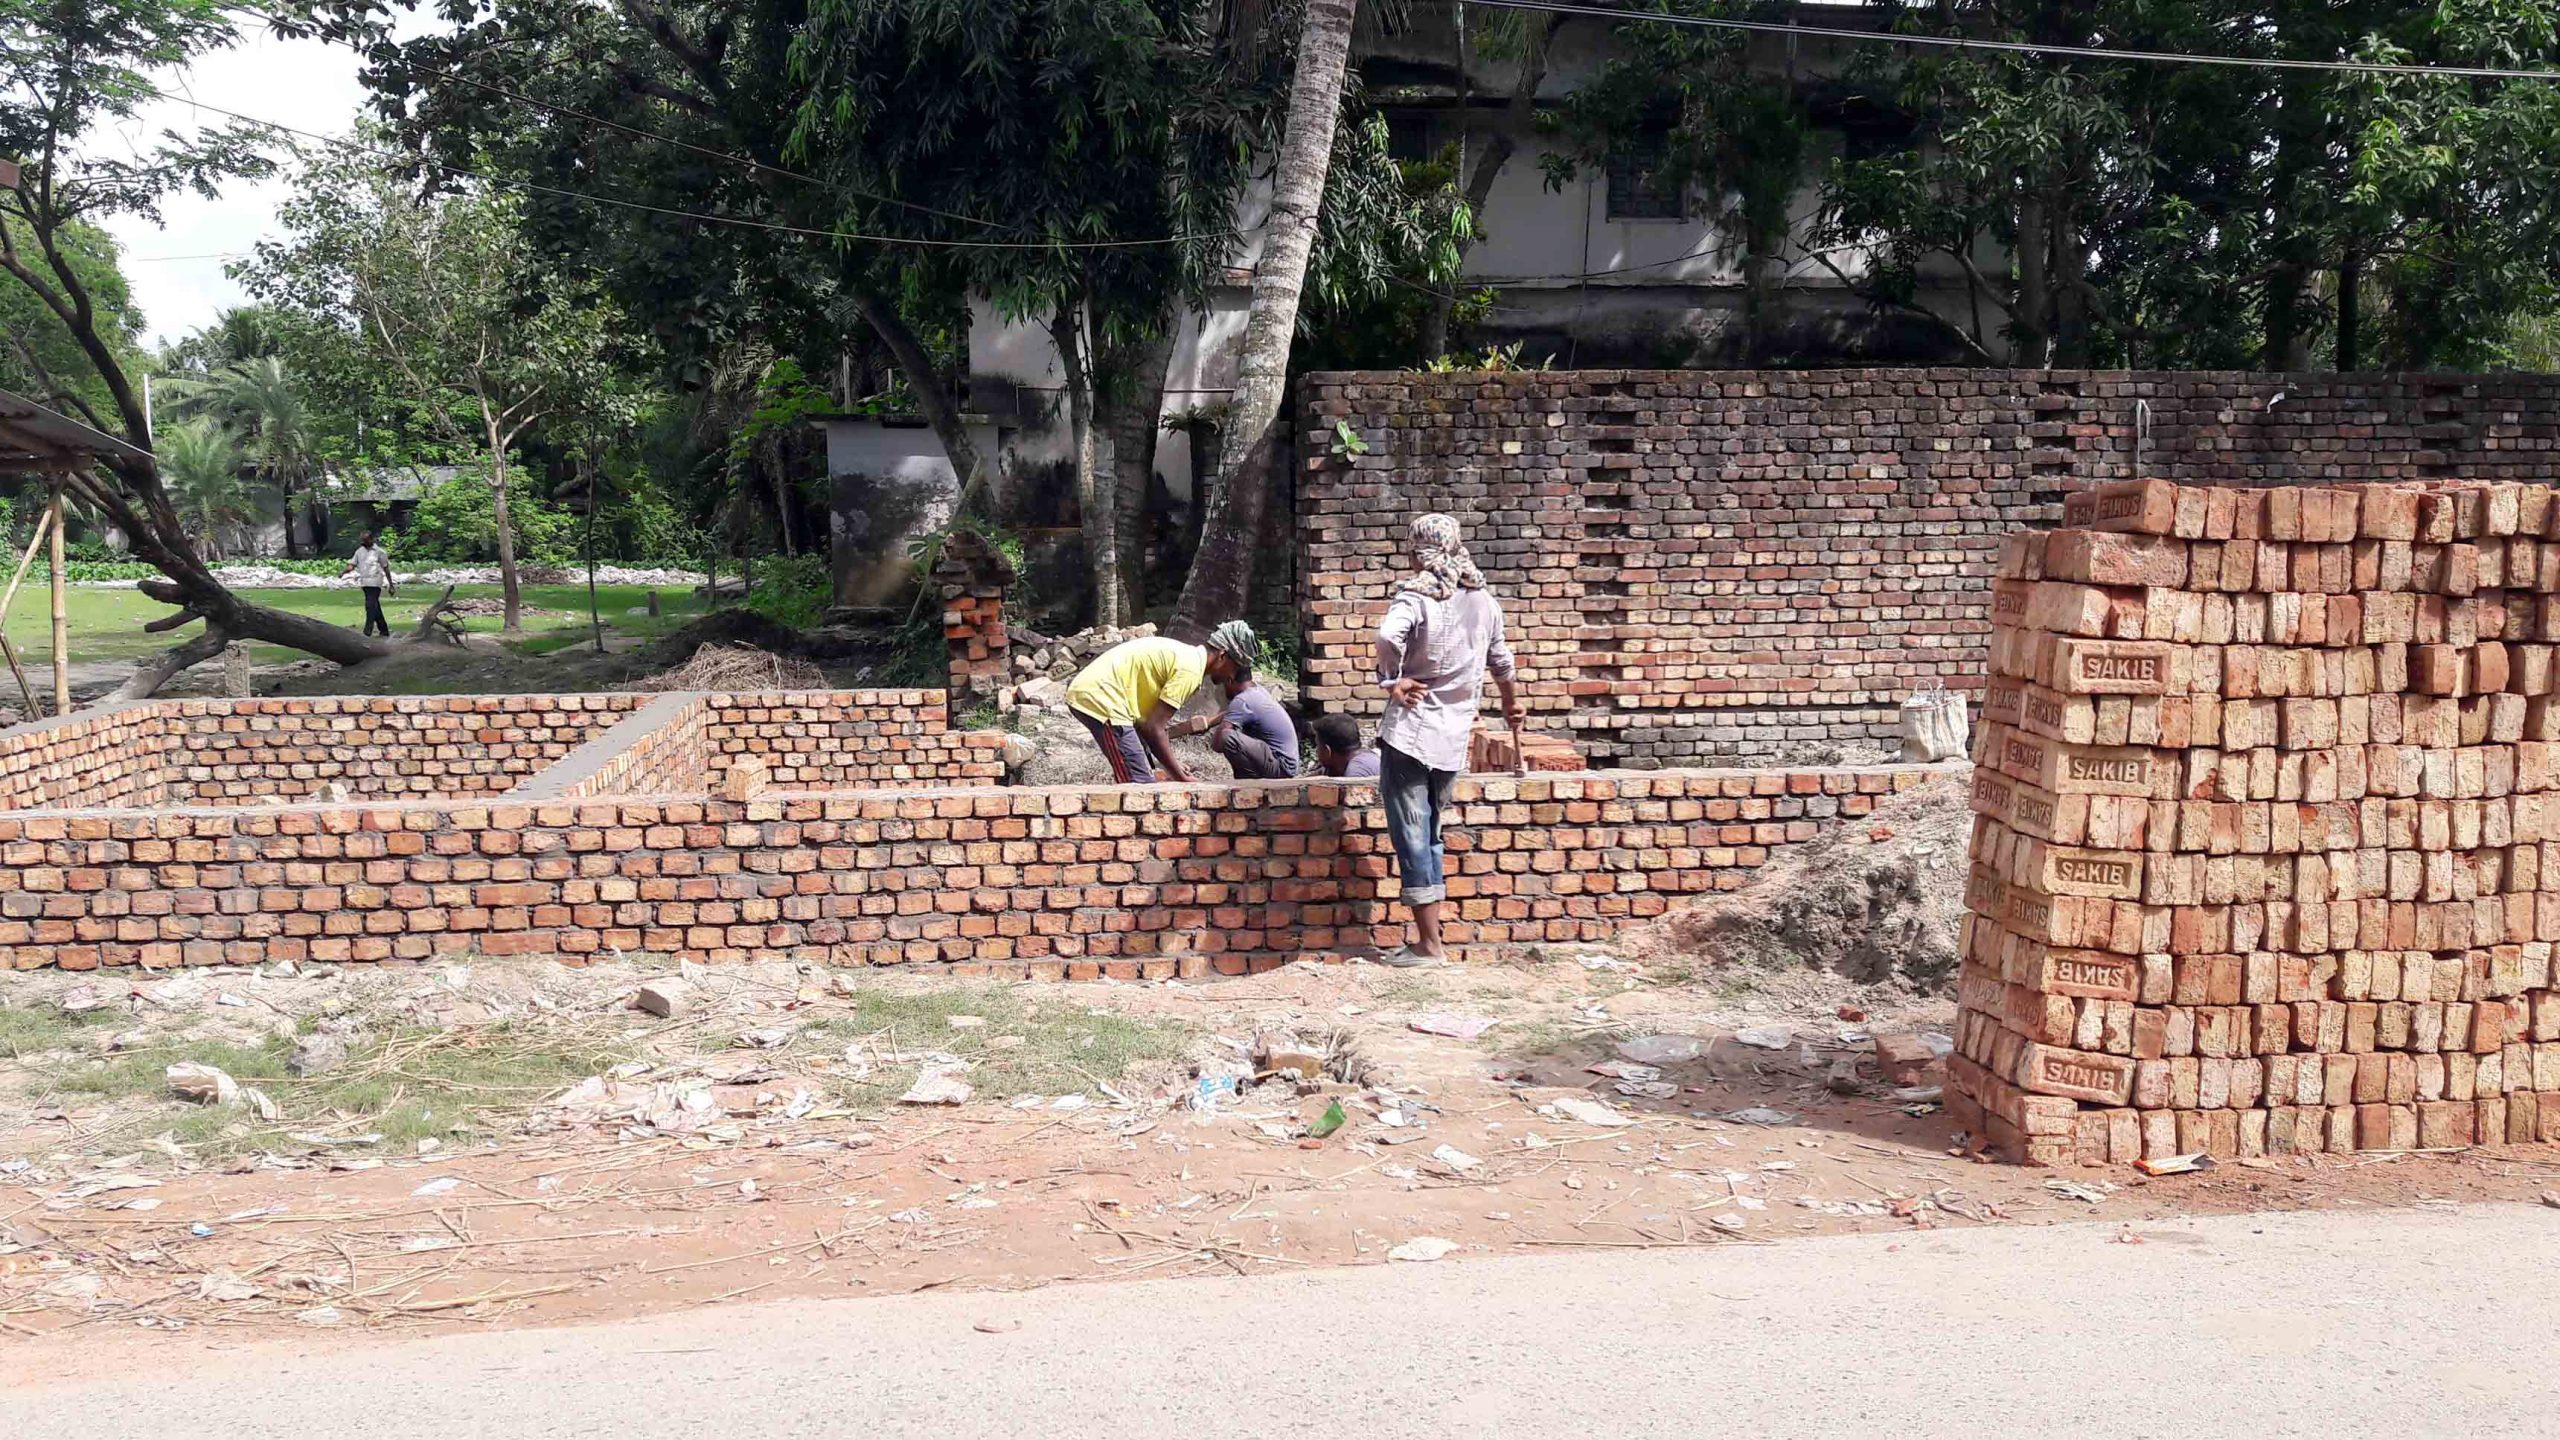 শ্যামনগরে অবৈধভাবে দোকানঘর নির্মাণের অভিযোগ